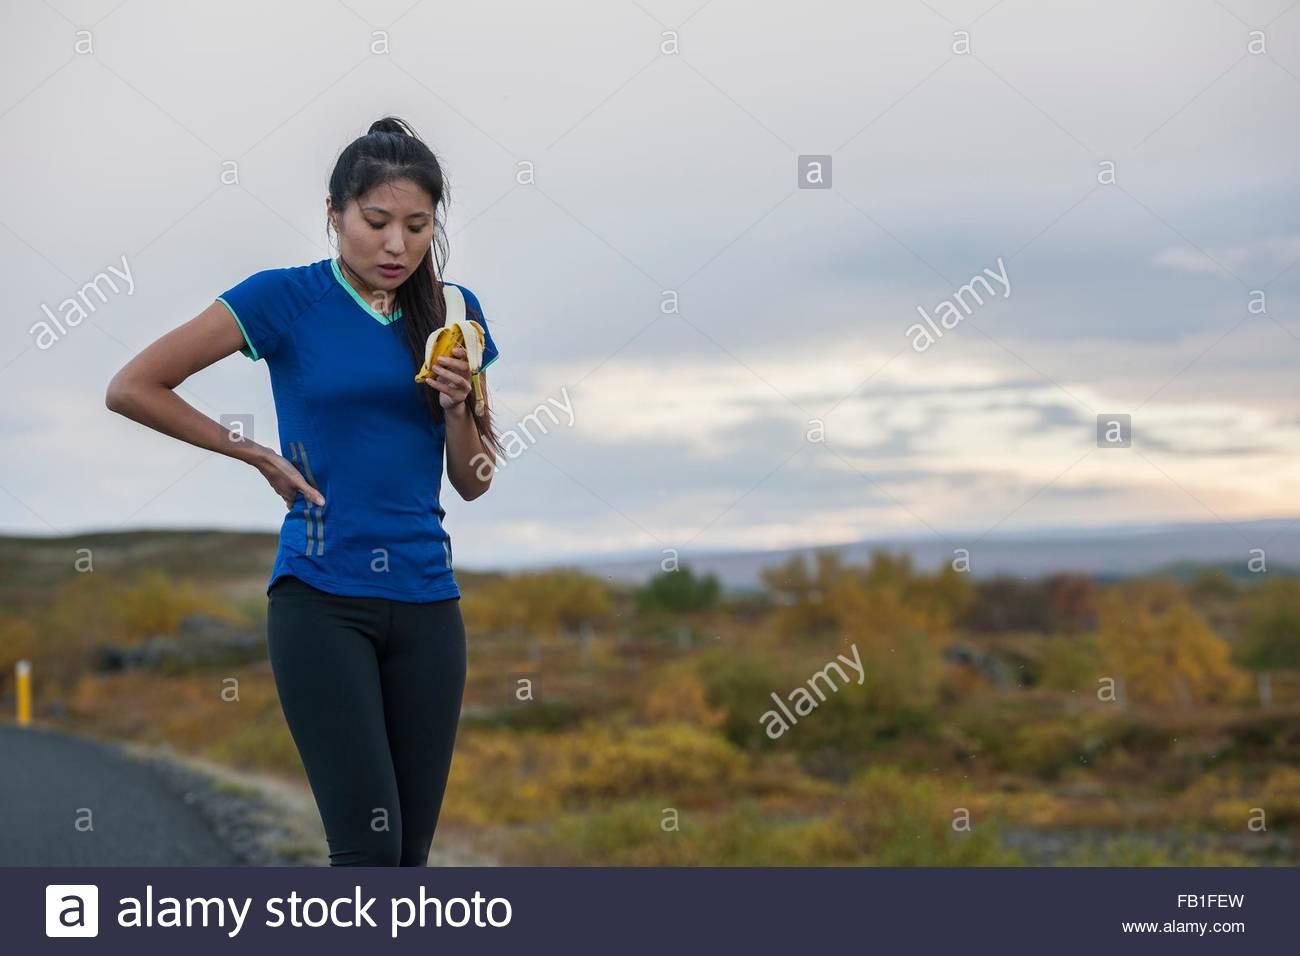 Mitte Erwachsene Frau Pause eine von Übung, Banane, unterwegs in ländlichen Landschaft Essen Stockbild